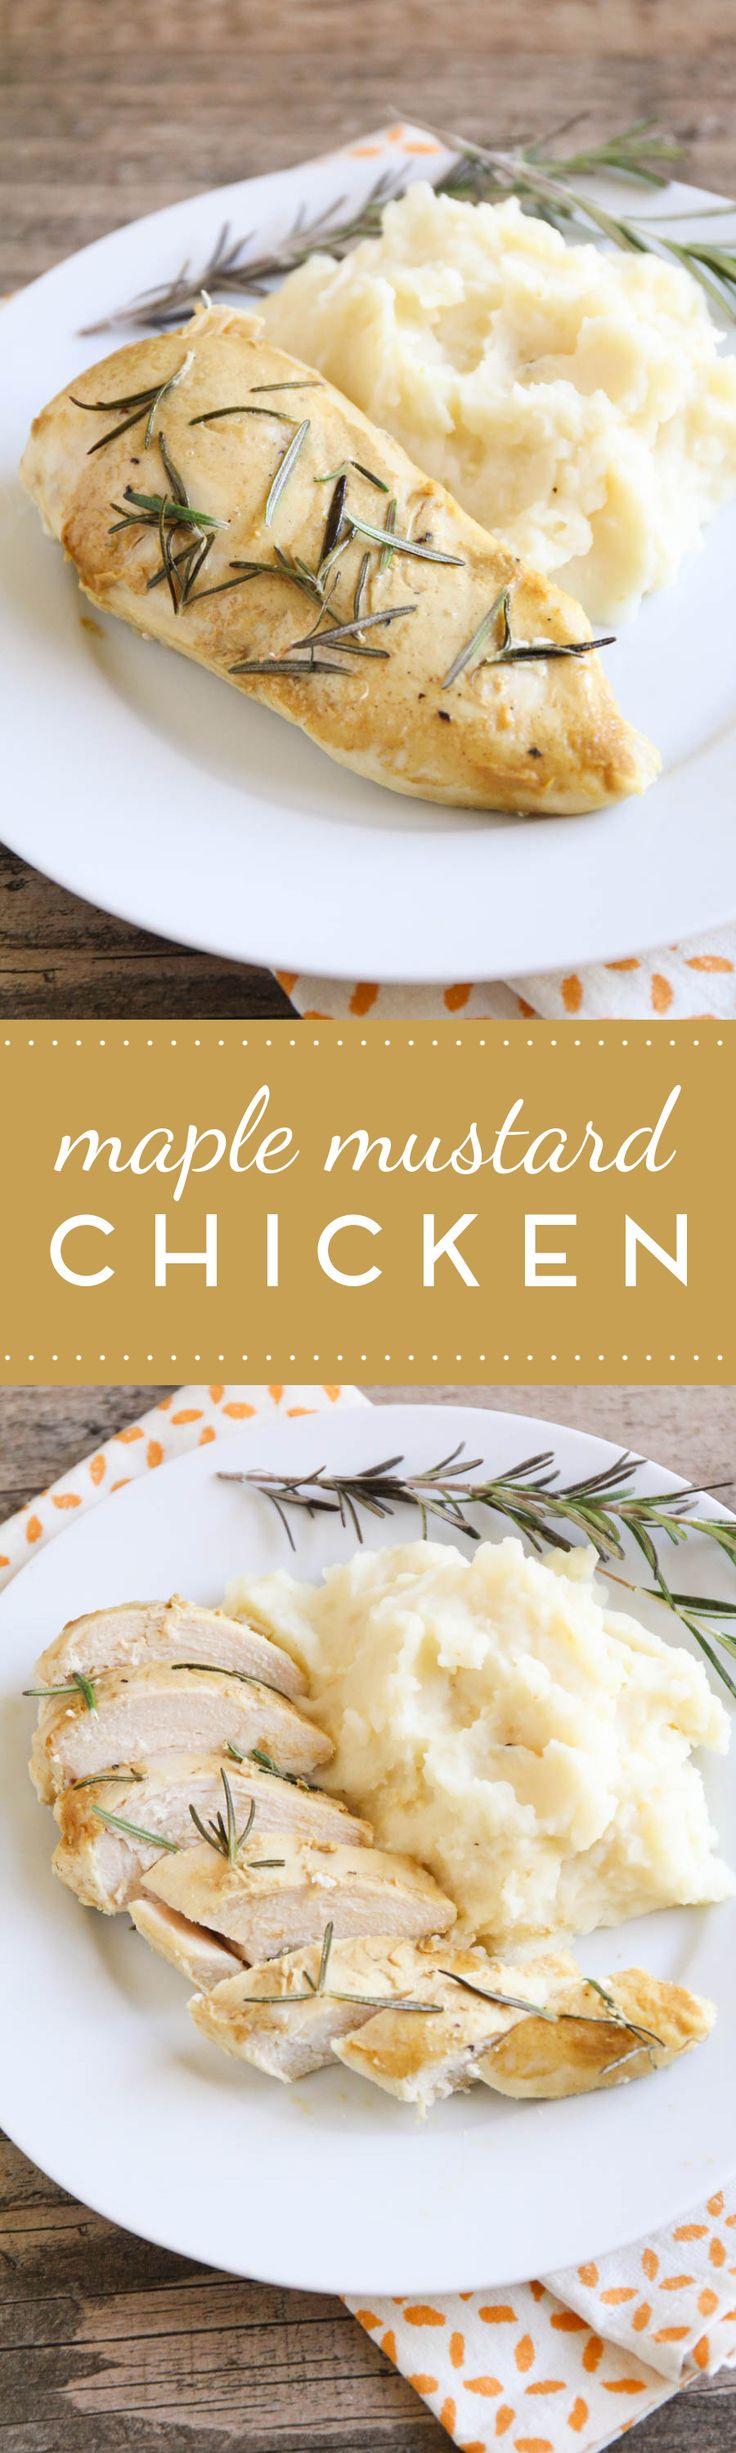 25+ bästa Maple mustard chicken idéerna på Pinterest ...